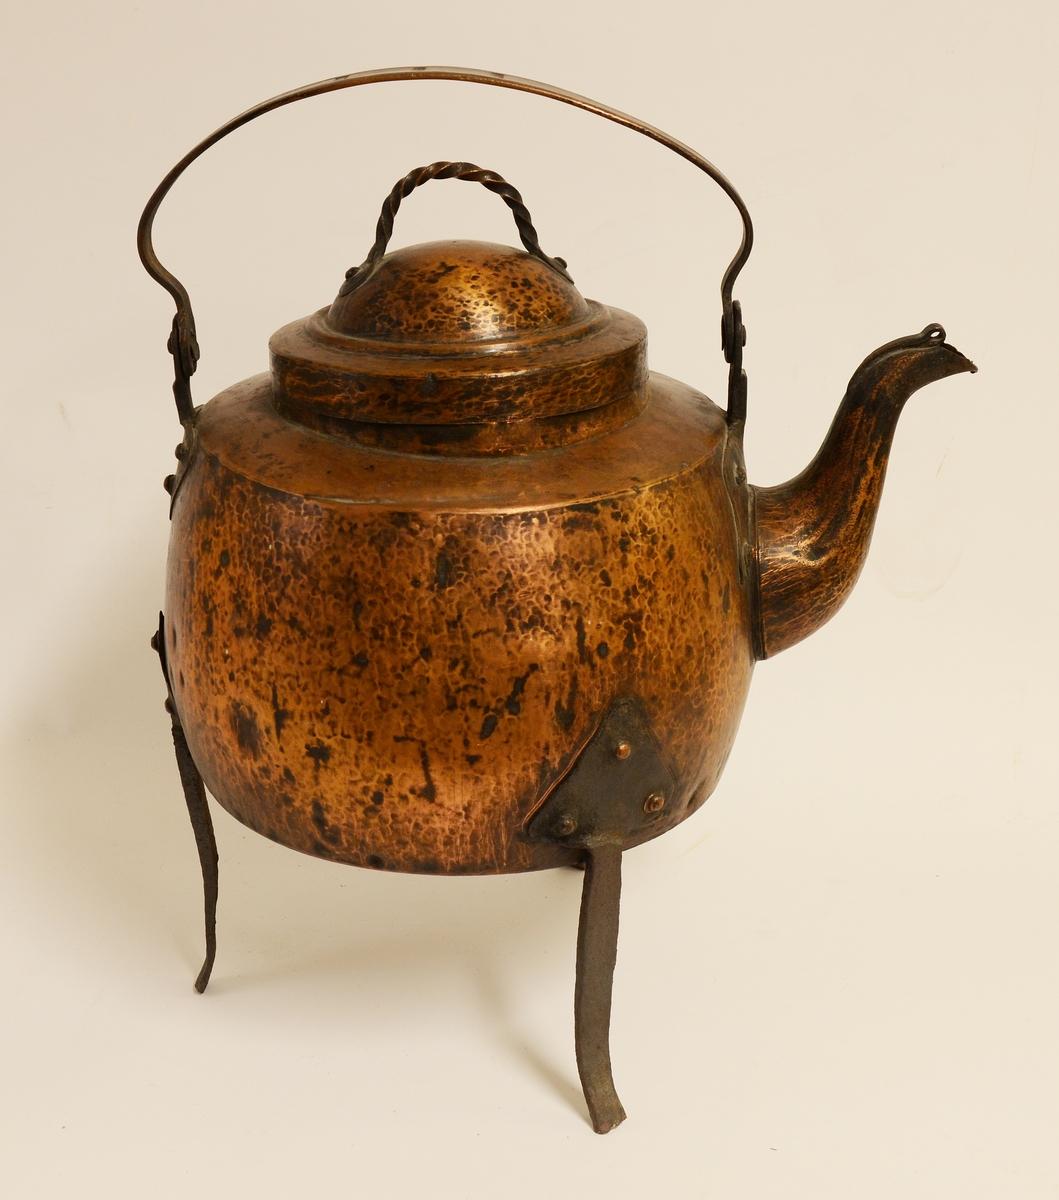 Kaffepanna av koppar med tre smidda järnben och lock med hank av tvinnad koppar.